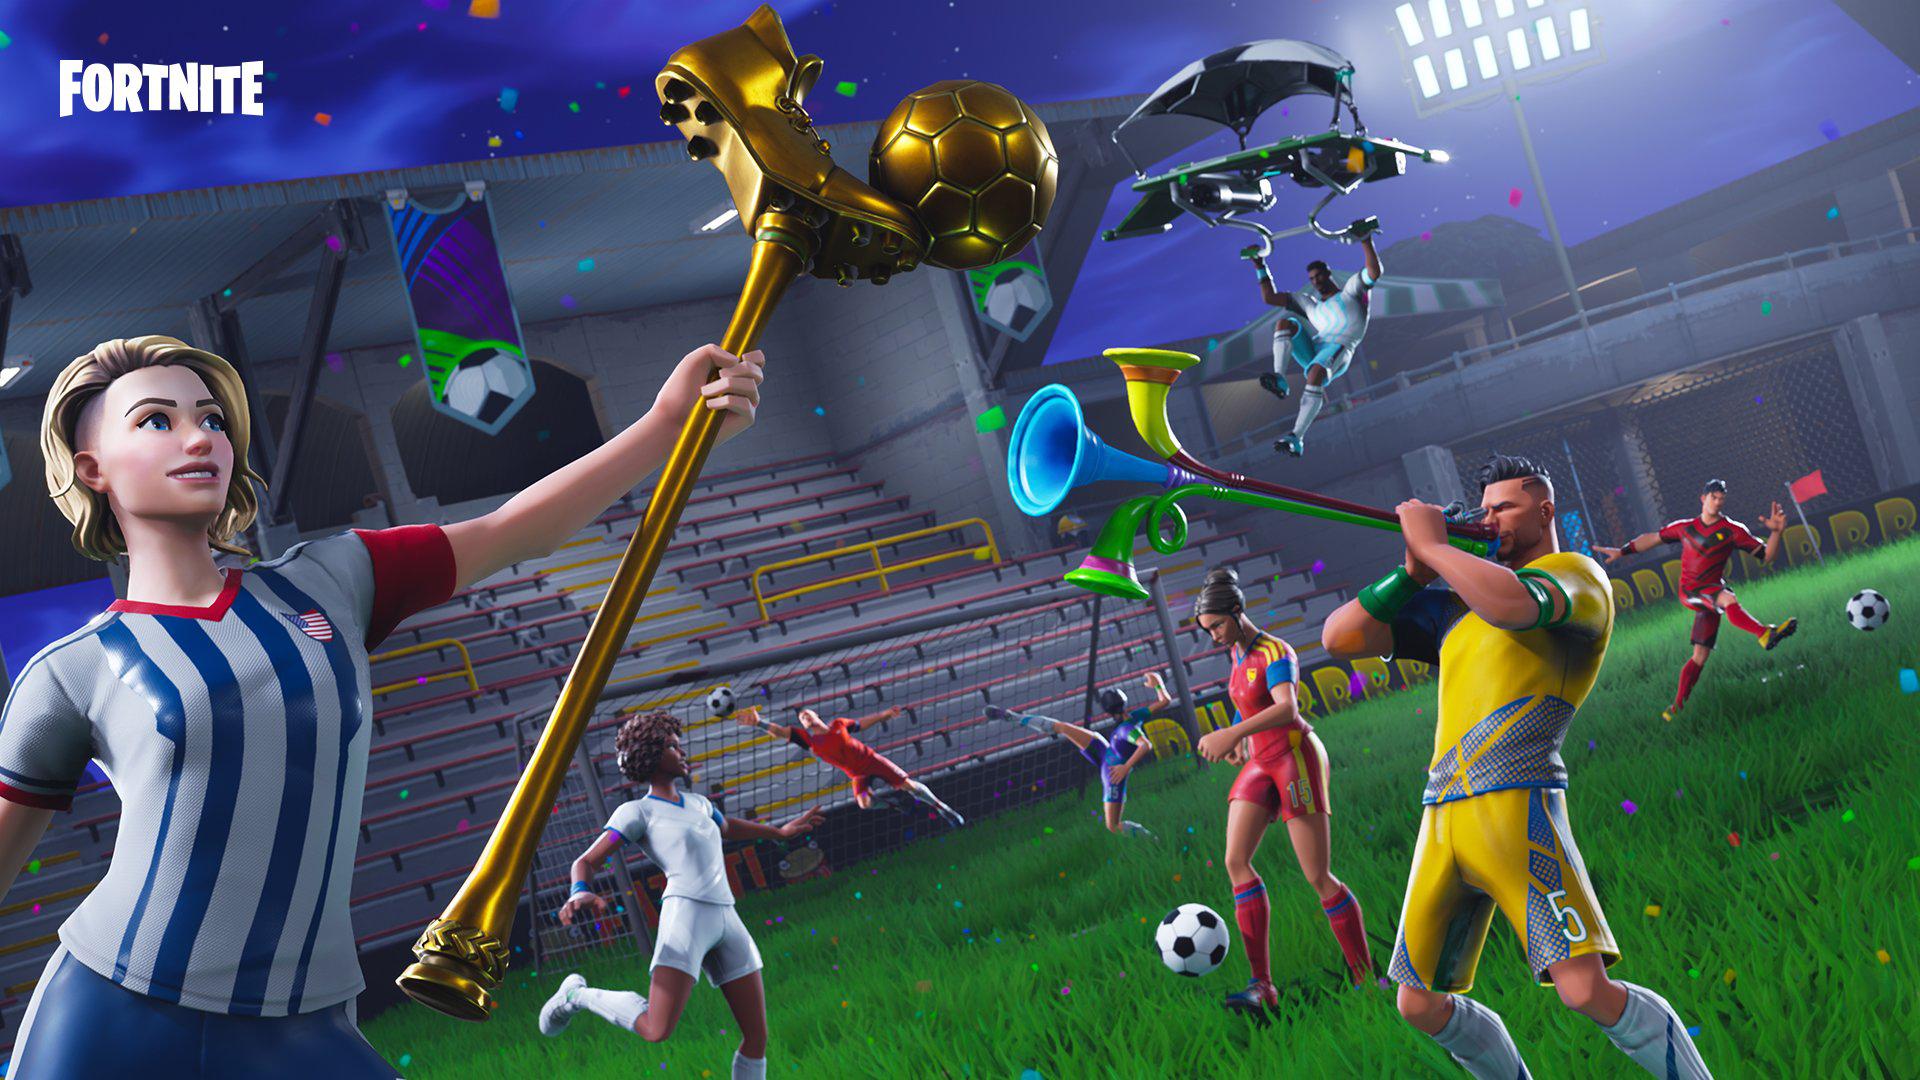 fortnite soccer wallpaper 72521